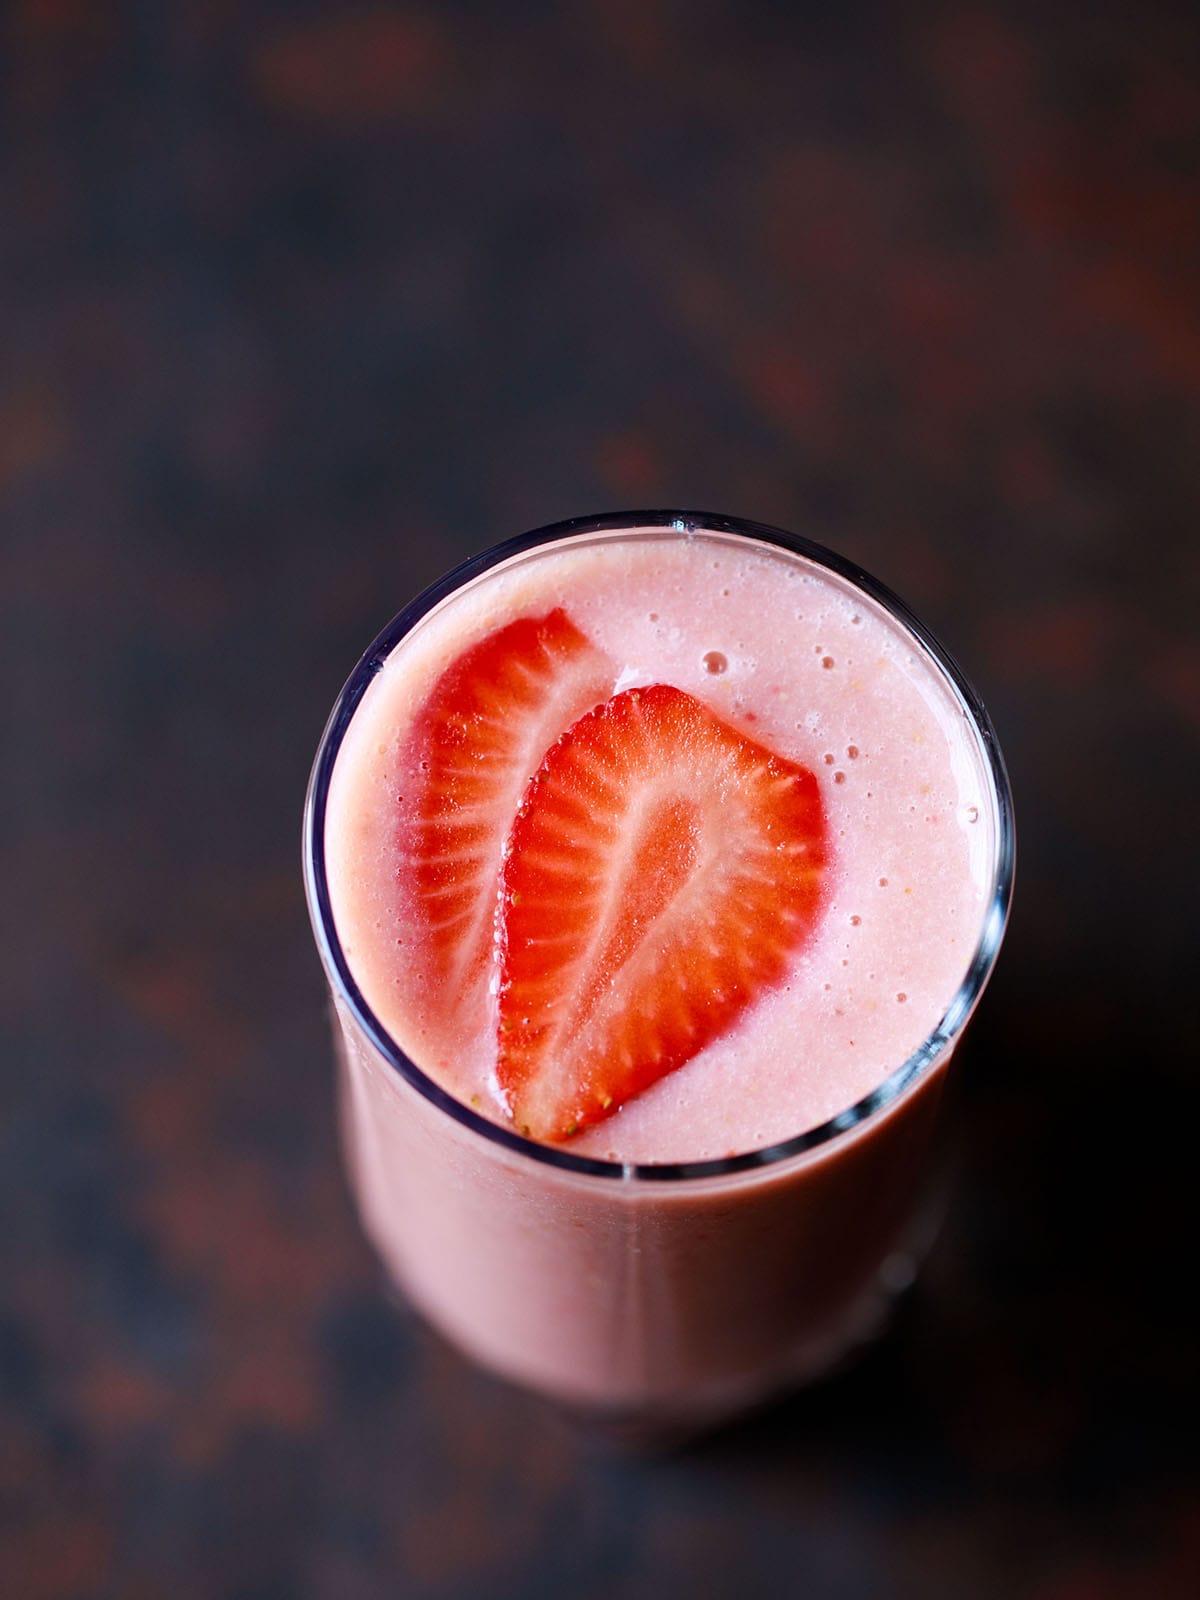 Smoothie fraise et banane dans un verre garni de tranches de fraise sur une planche brun noir foncé